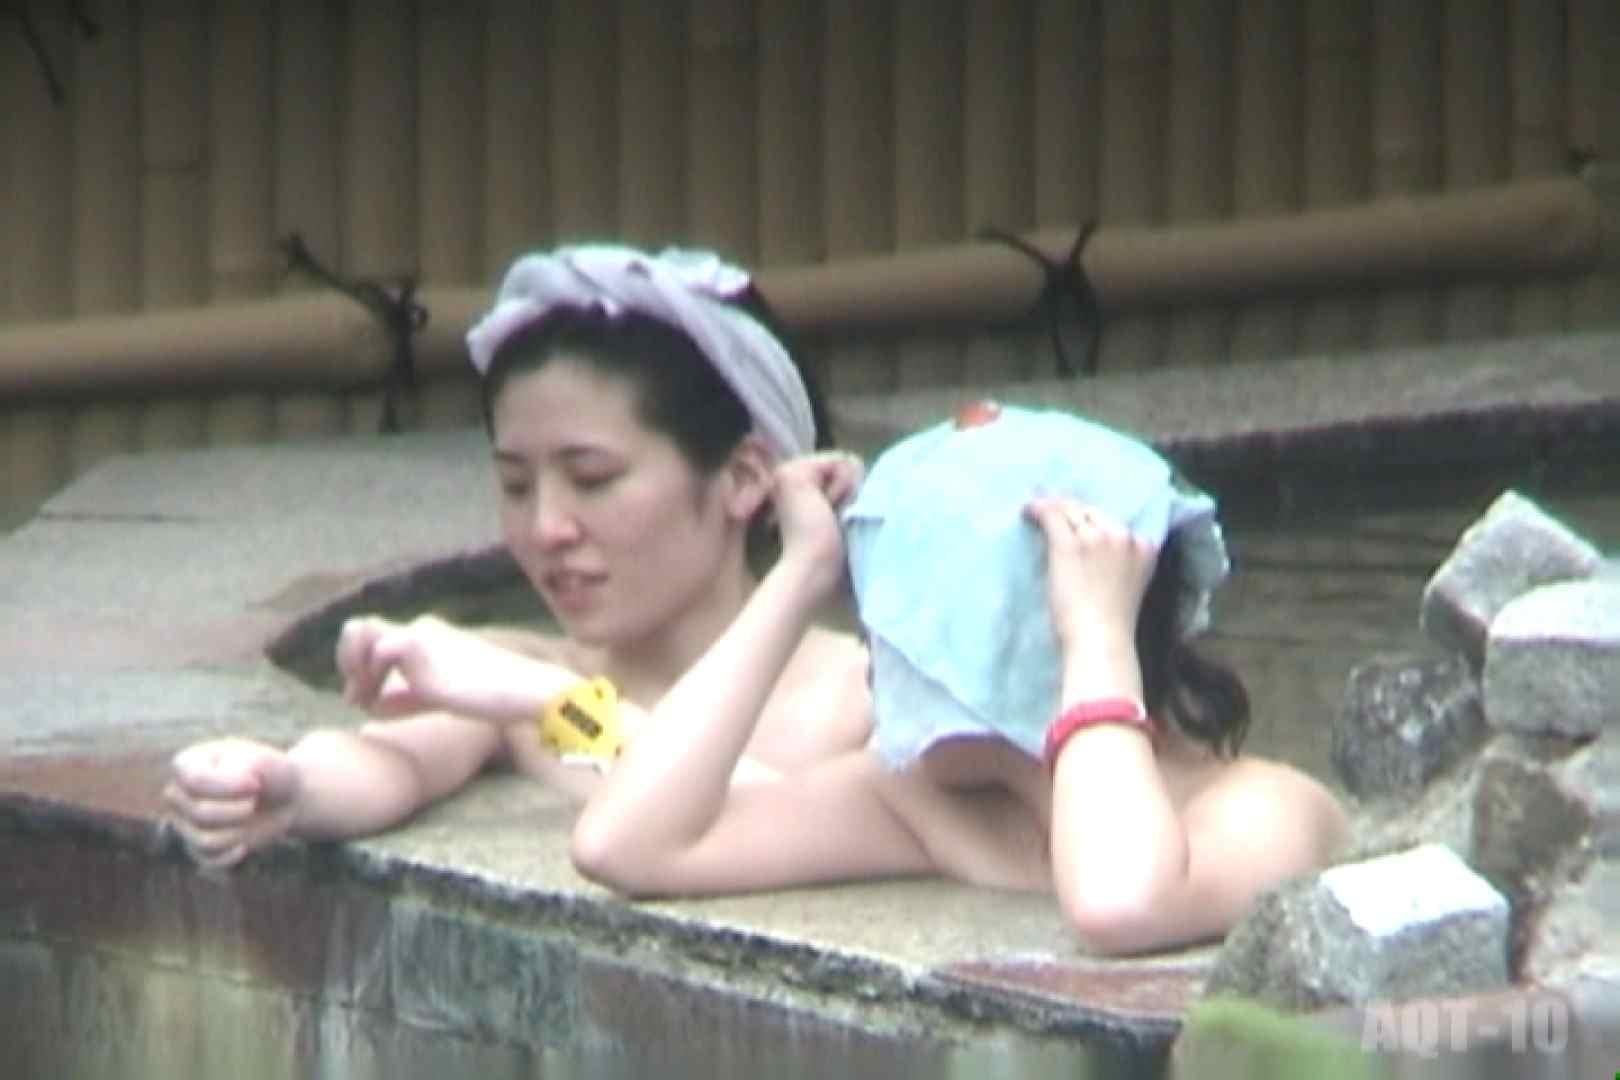 Aquaな露天風呂Vol.793 露天 | 盗撮特集  56画像 29